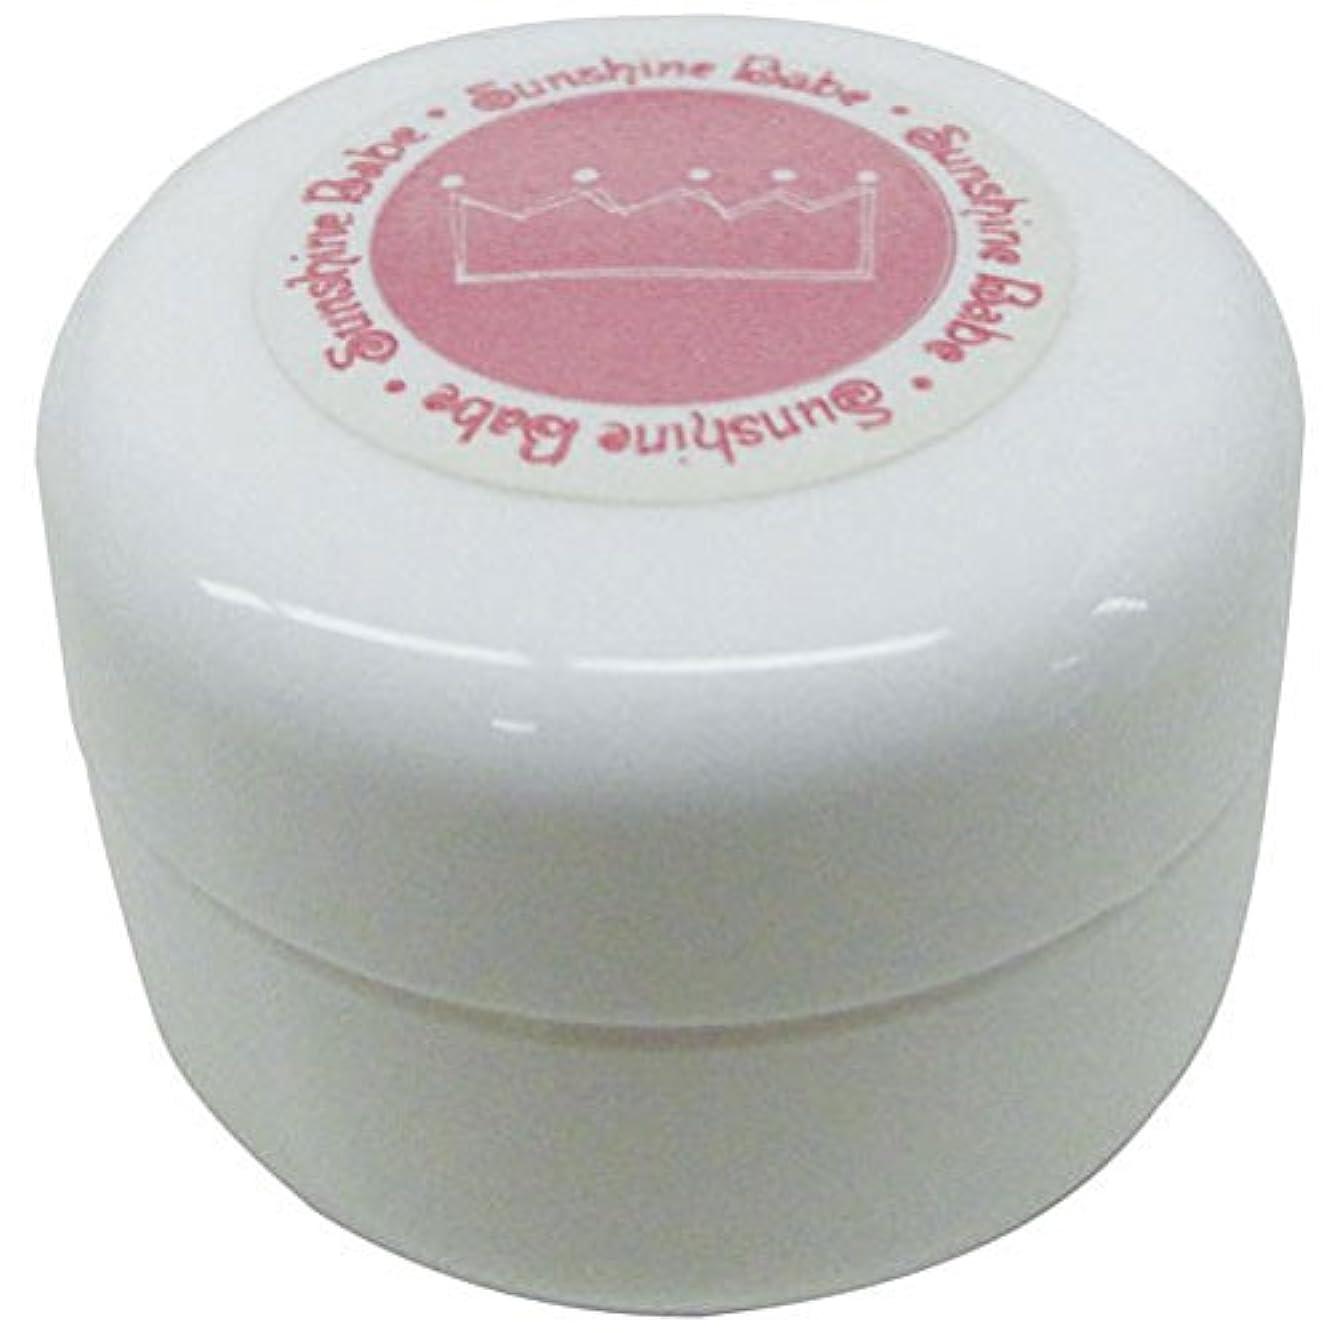 薬を飲む格納スタンドジェルネイル  サンシャインベビー クリームジェルポット 10ml